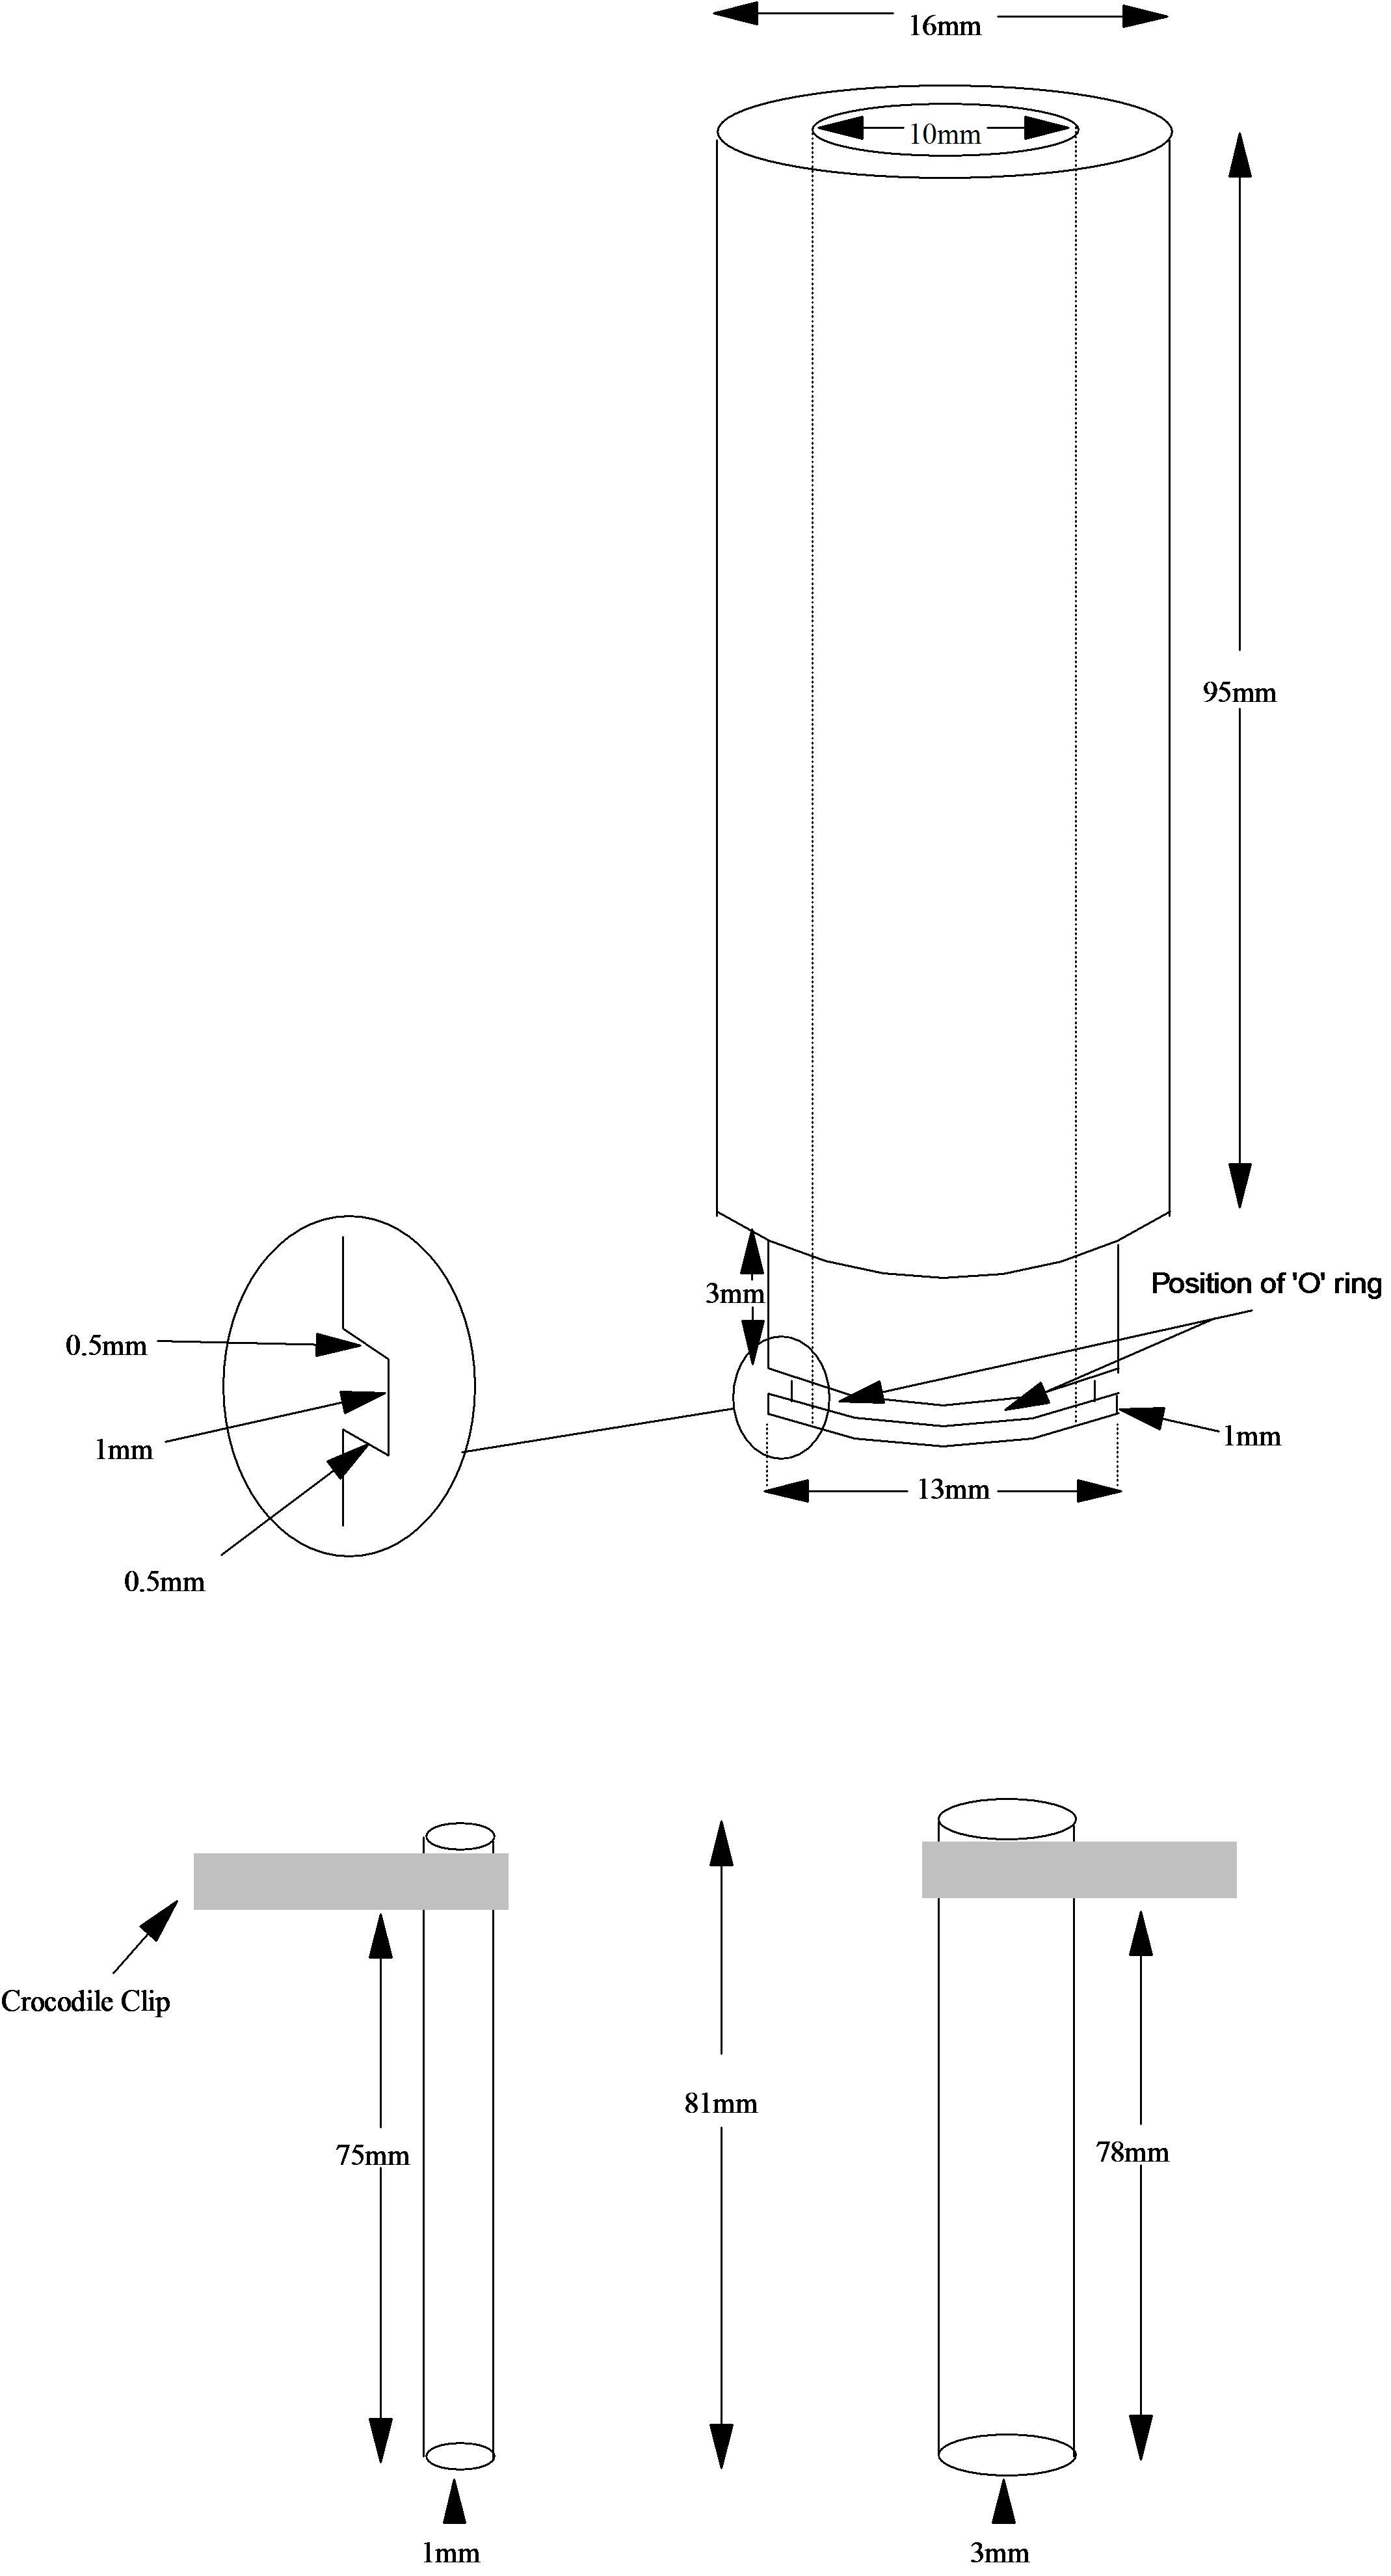 1992 suzuki s40 wiring diagram 55f17ca 159 69 3 193 1992 suzuki s40 wiring diagram wiring resources  193 1992 suzuki s40 wiring diagram